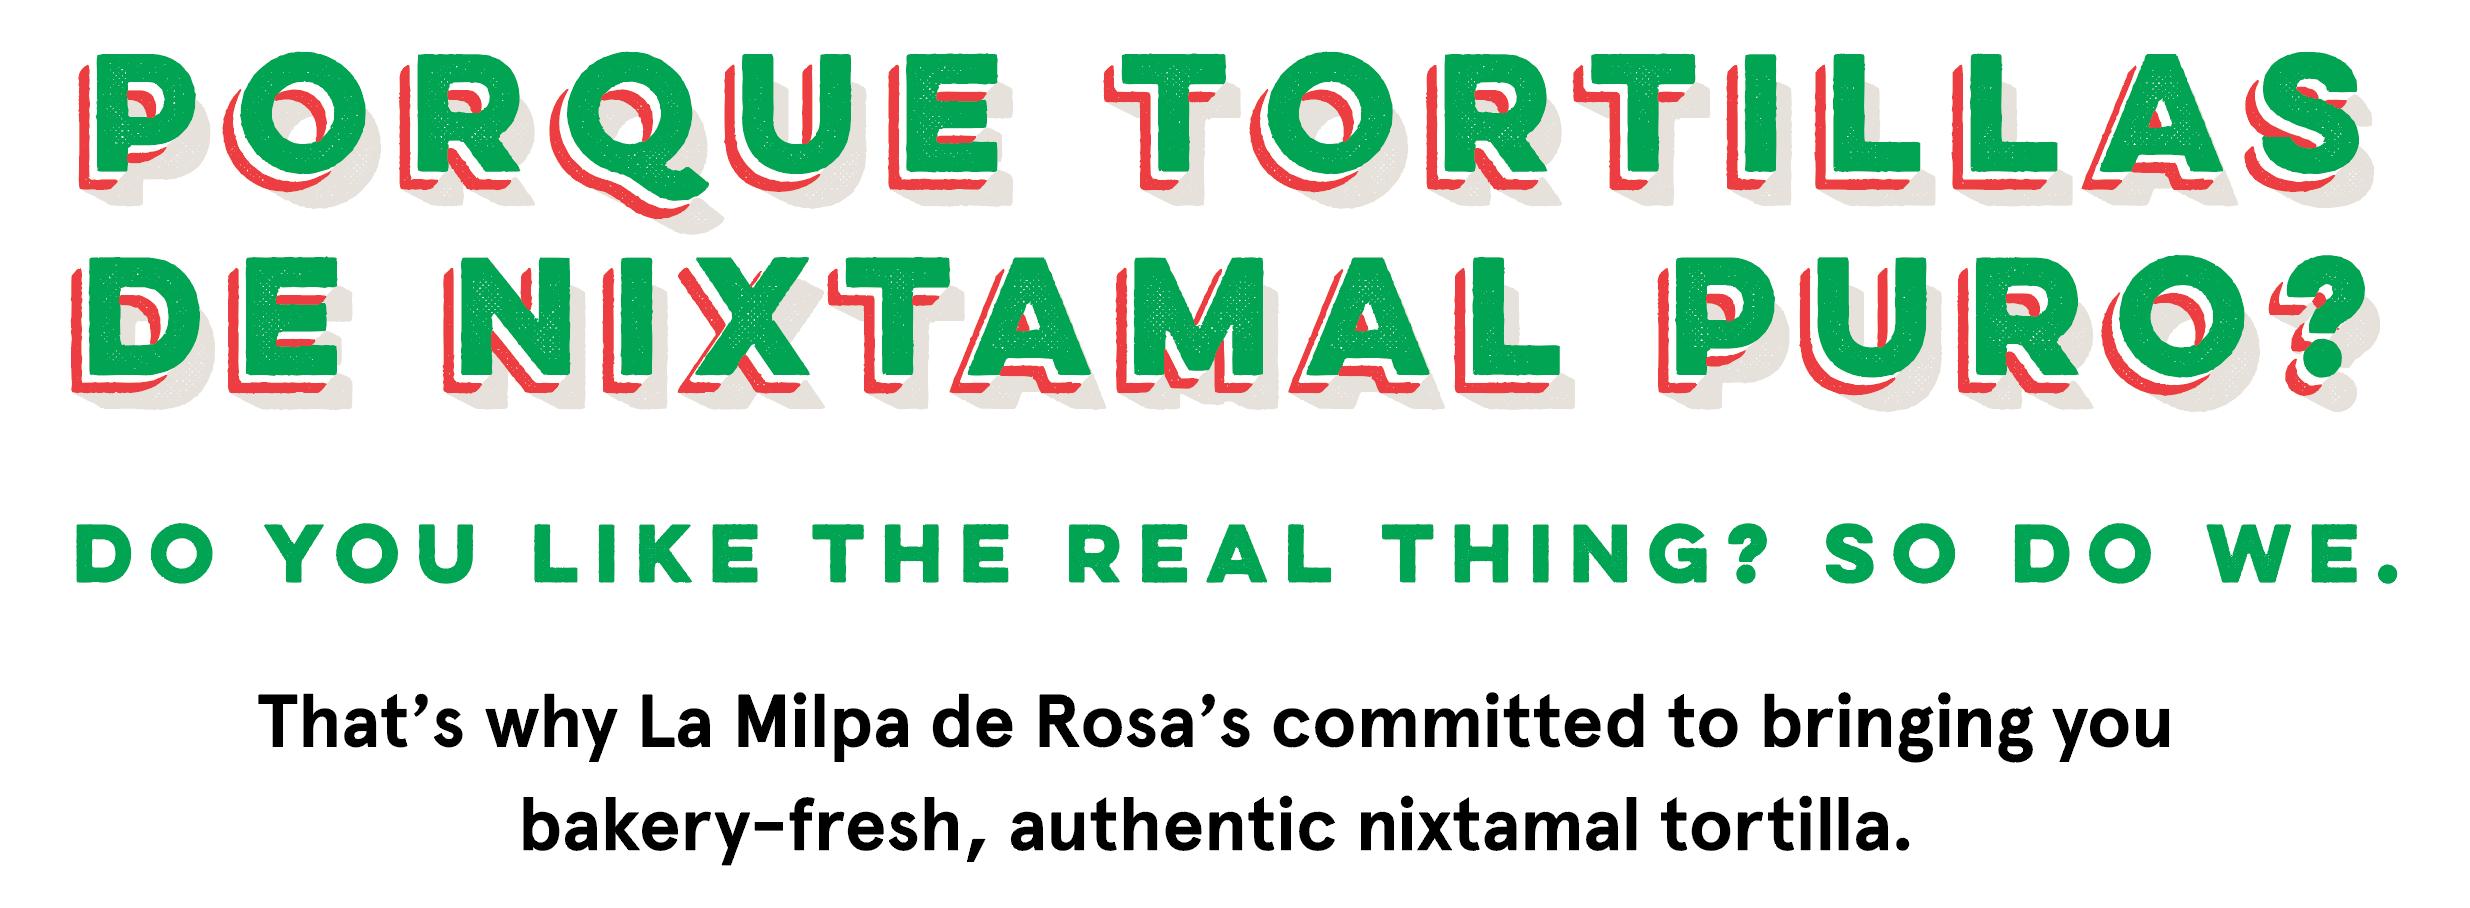 Tortillas de Nixtamal Puro.jpg